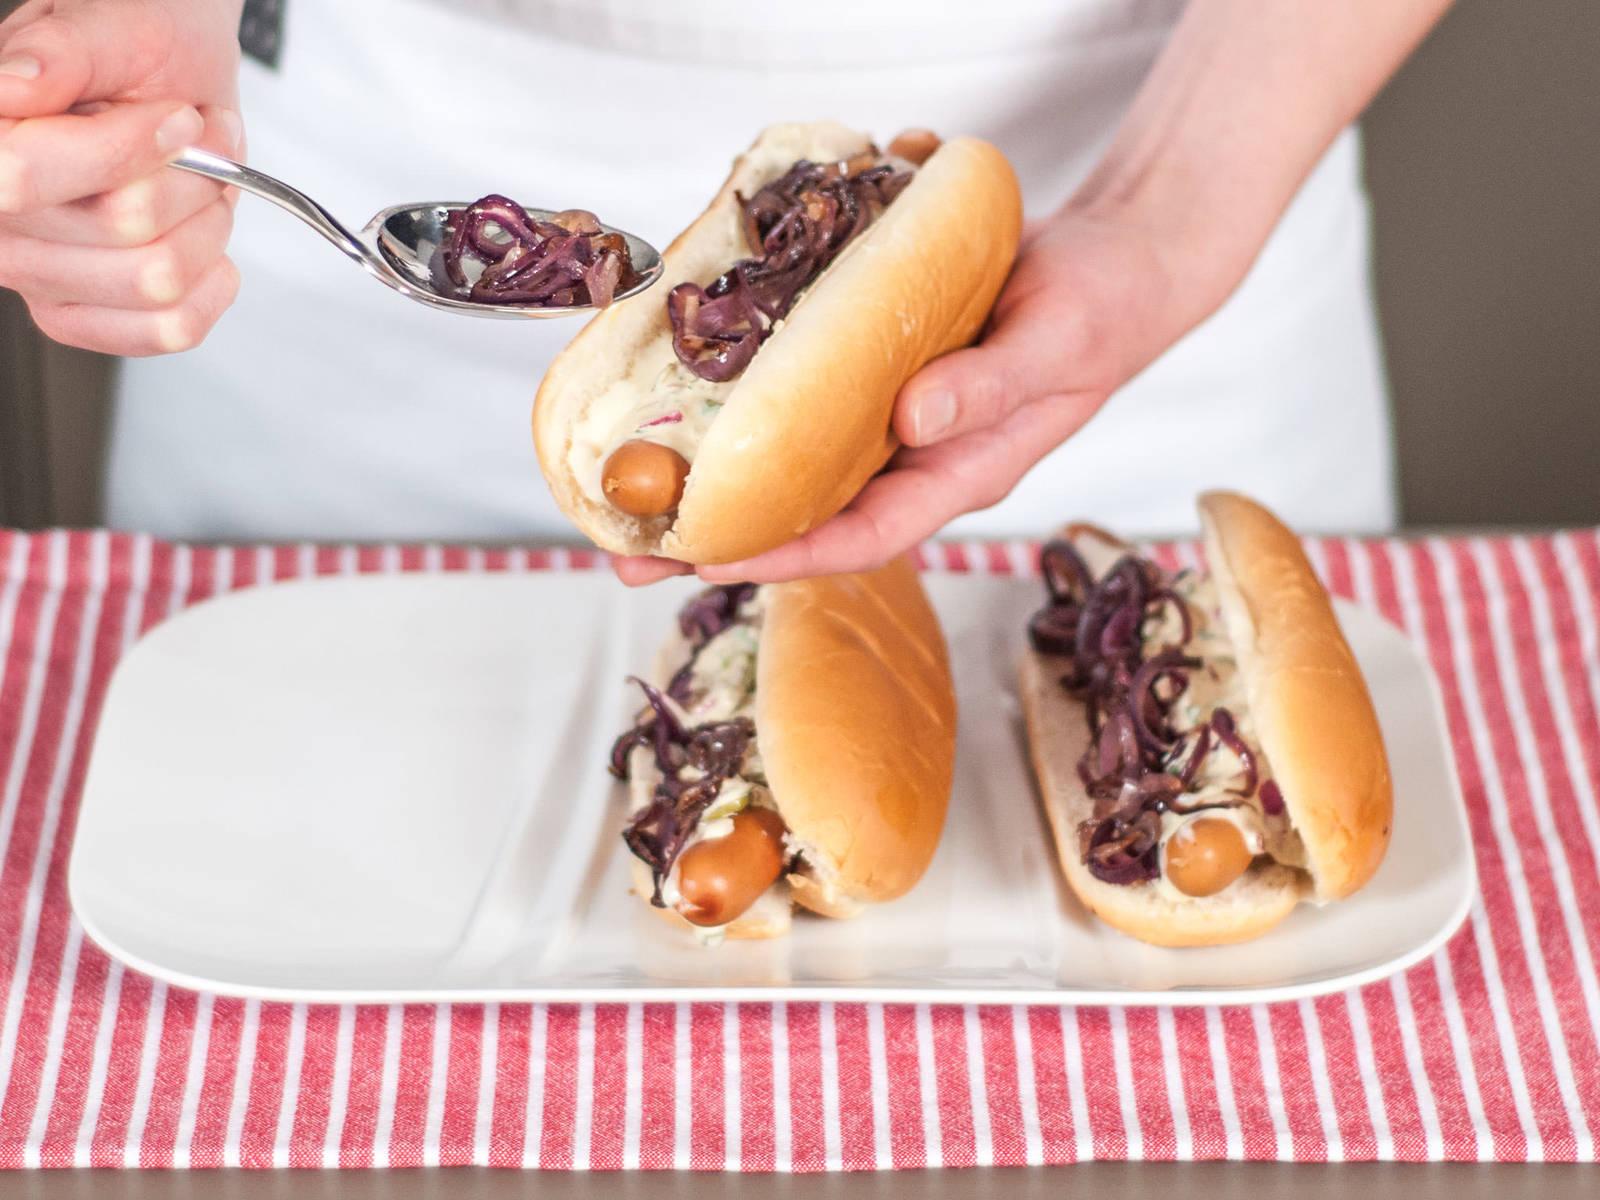 将蛋黄酱与番茄酱涂抹于热狗面包上,加入香肠。然后填入奶酪、酸黄瓜或洋葱馅料。还可搭配自制的法式炸薯条享用。